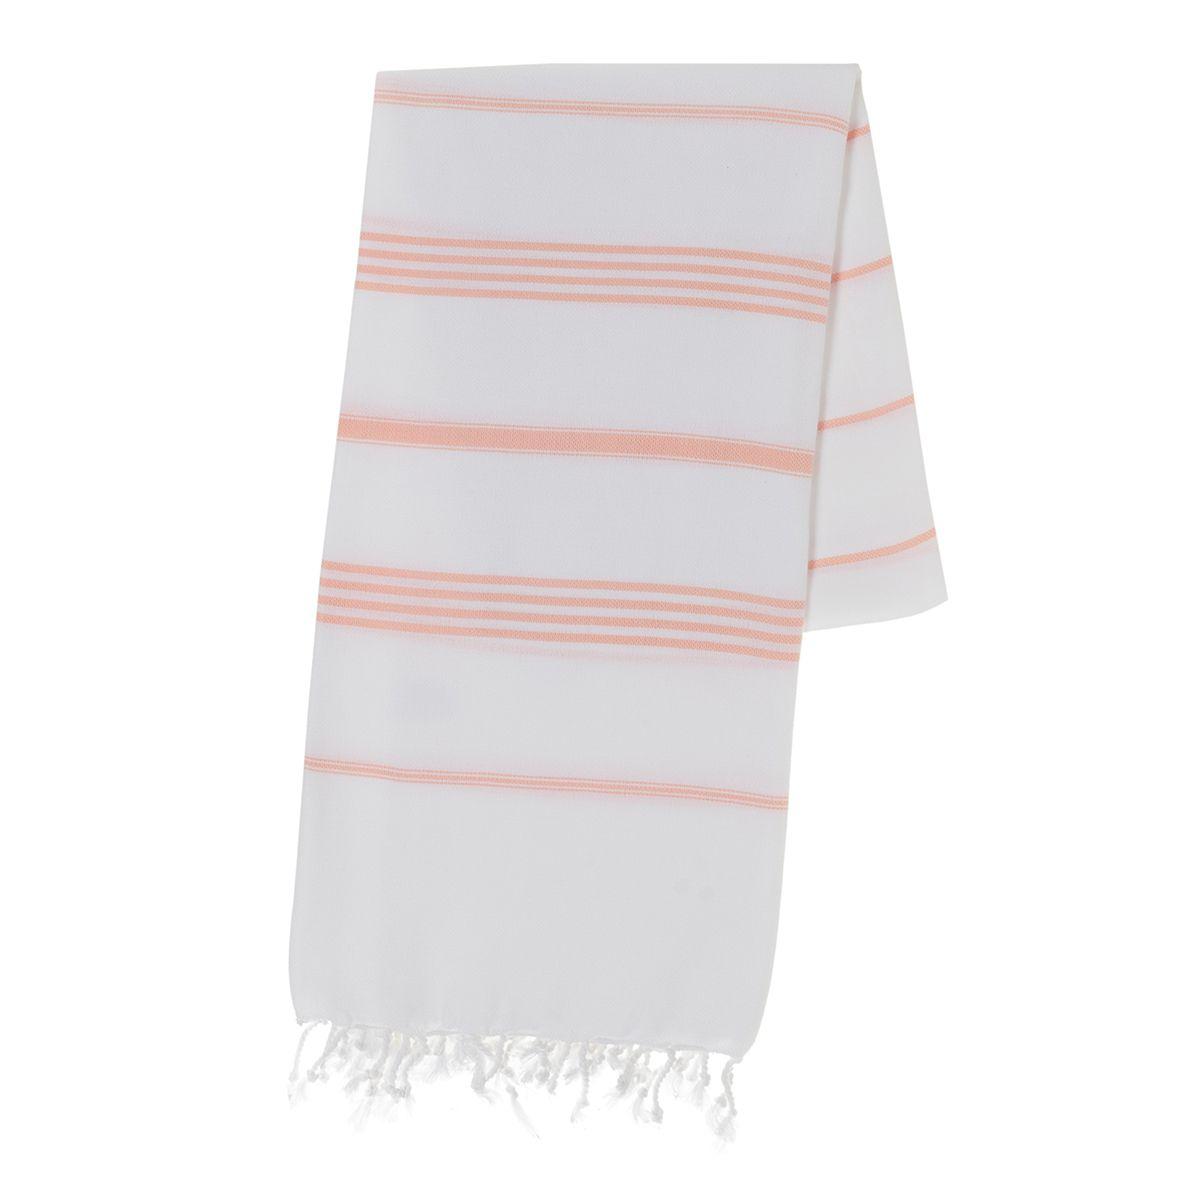 Peshtemal Leyla - White / Melon Stripes